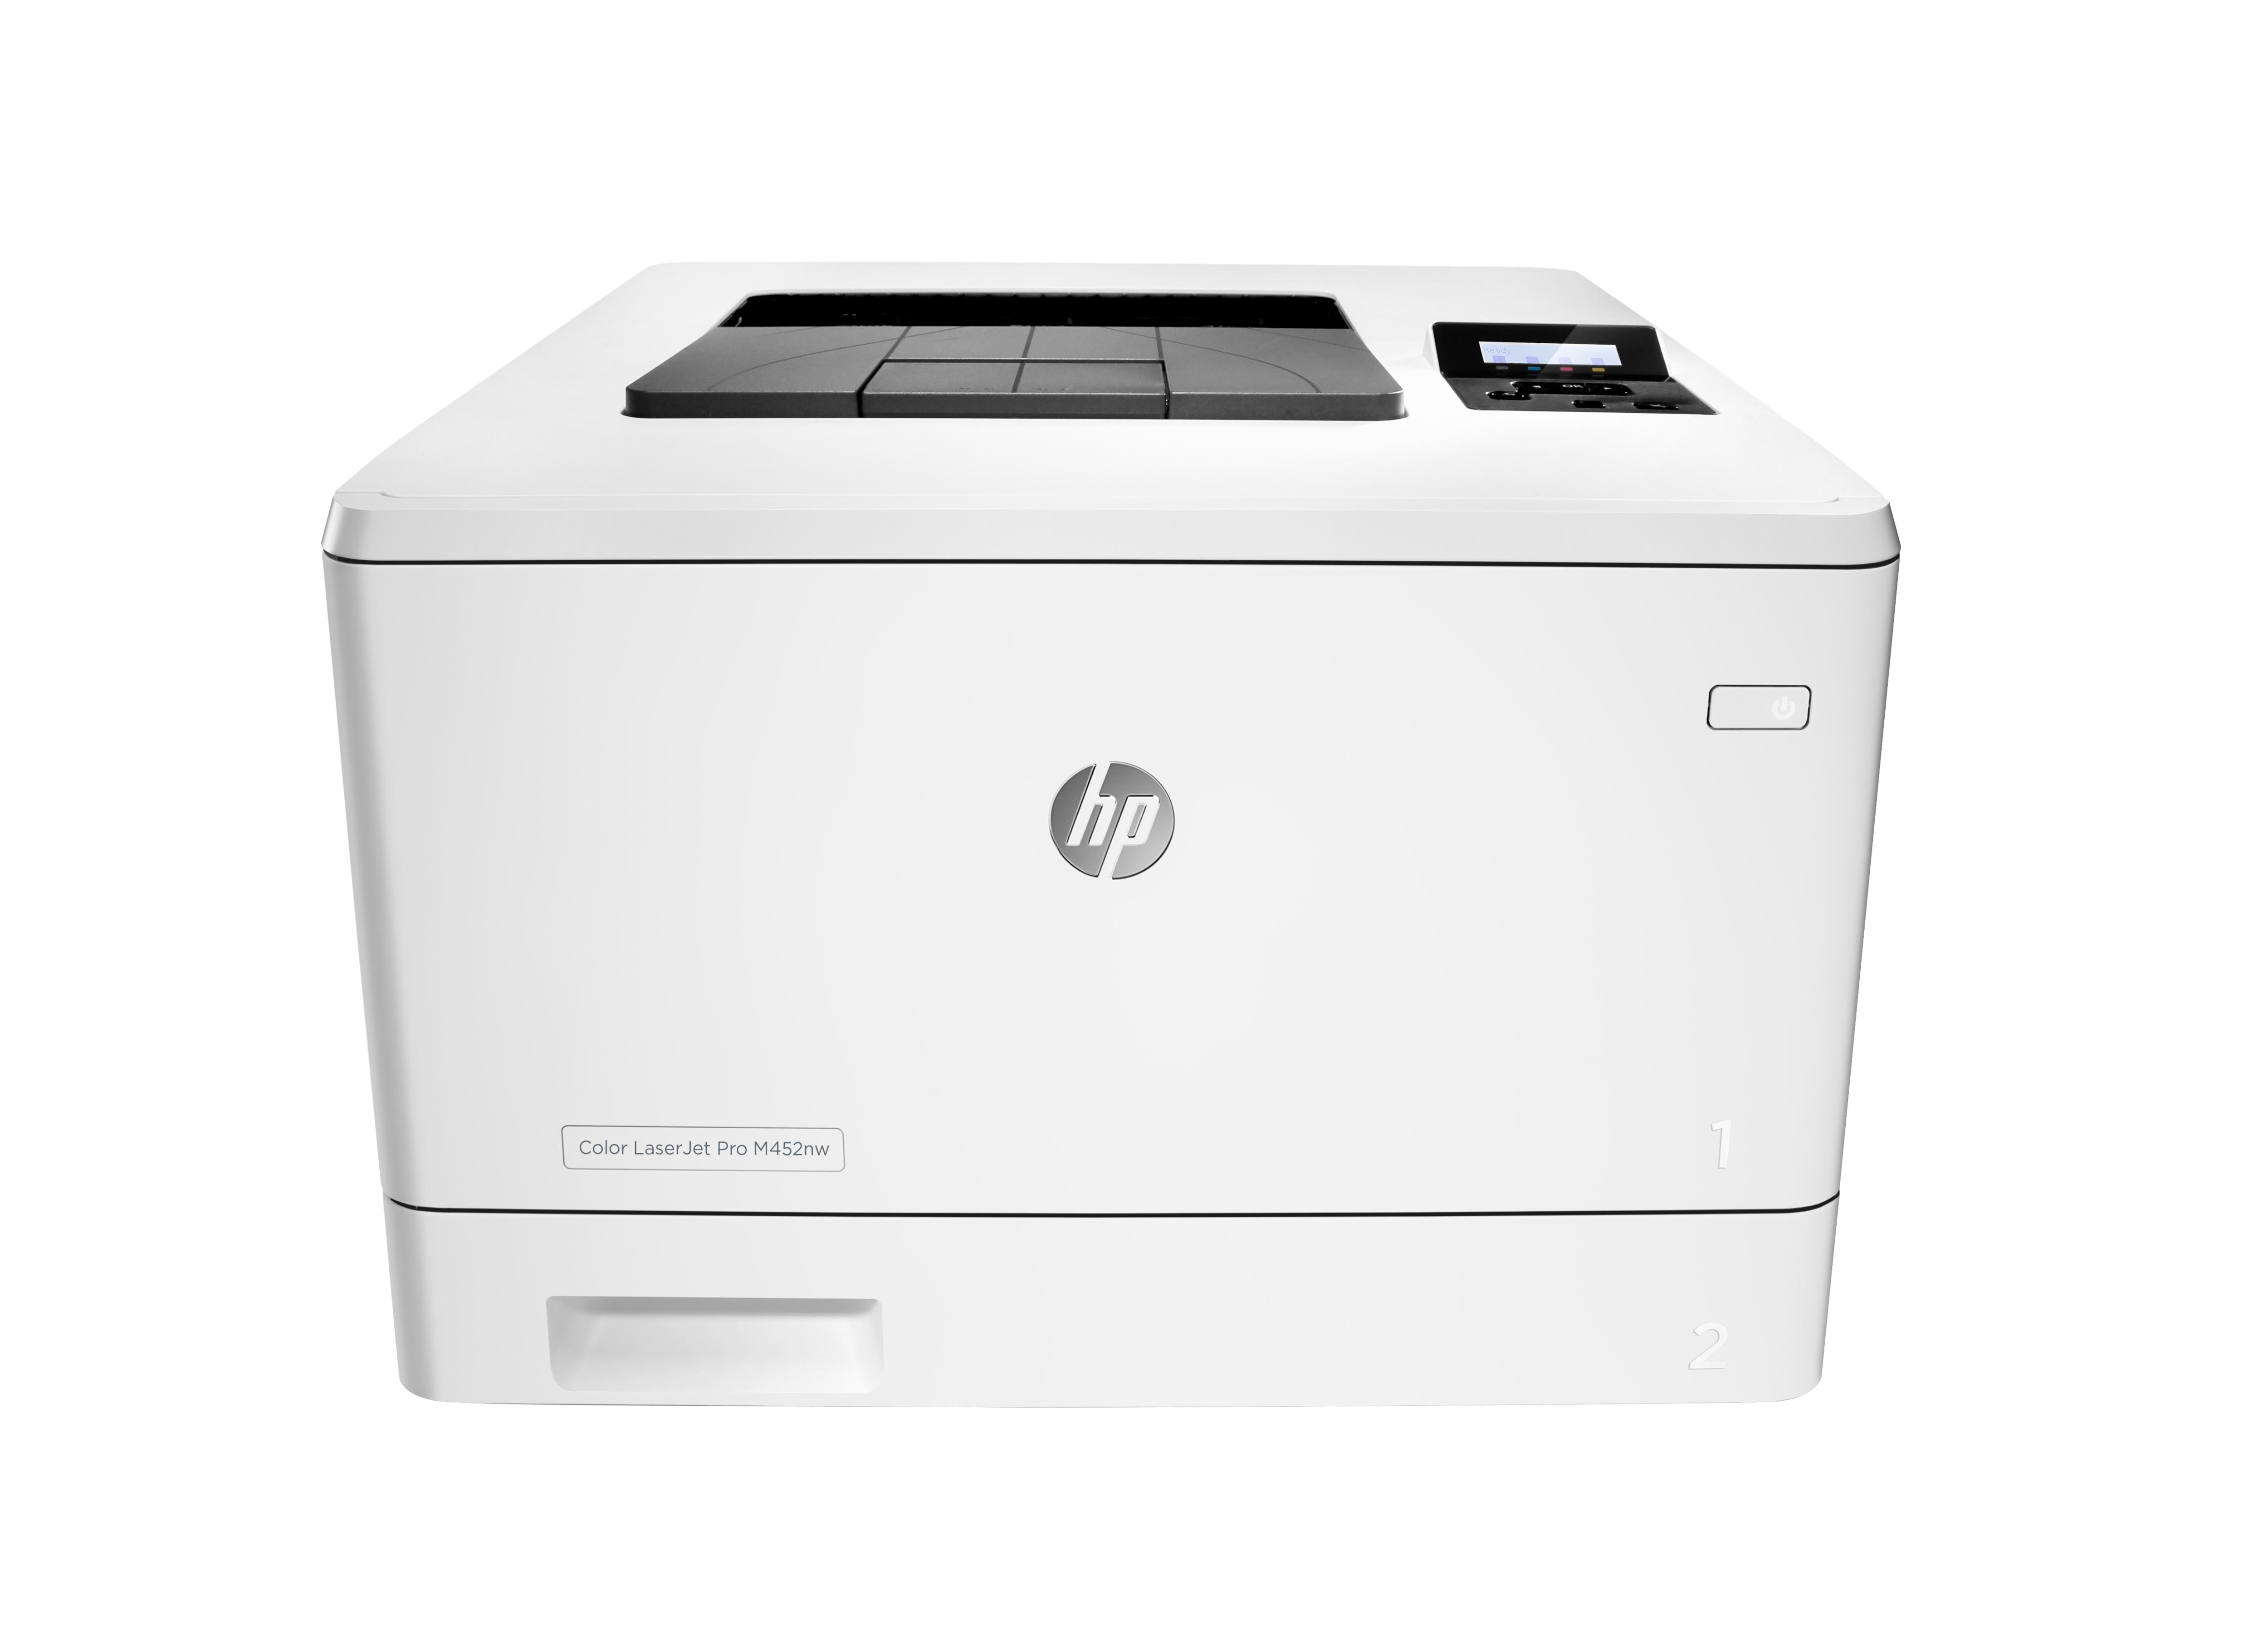 Hewlett Packard HP HP Color LaserJet Pro M452nw